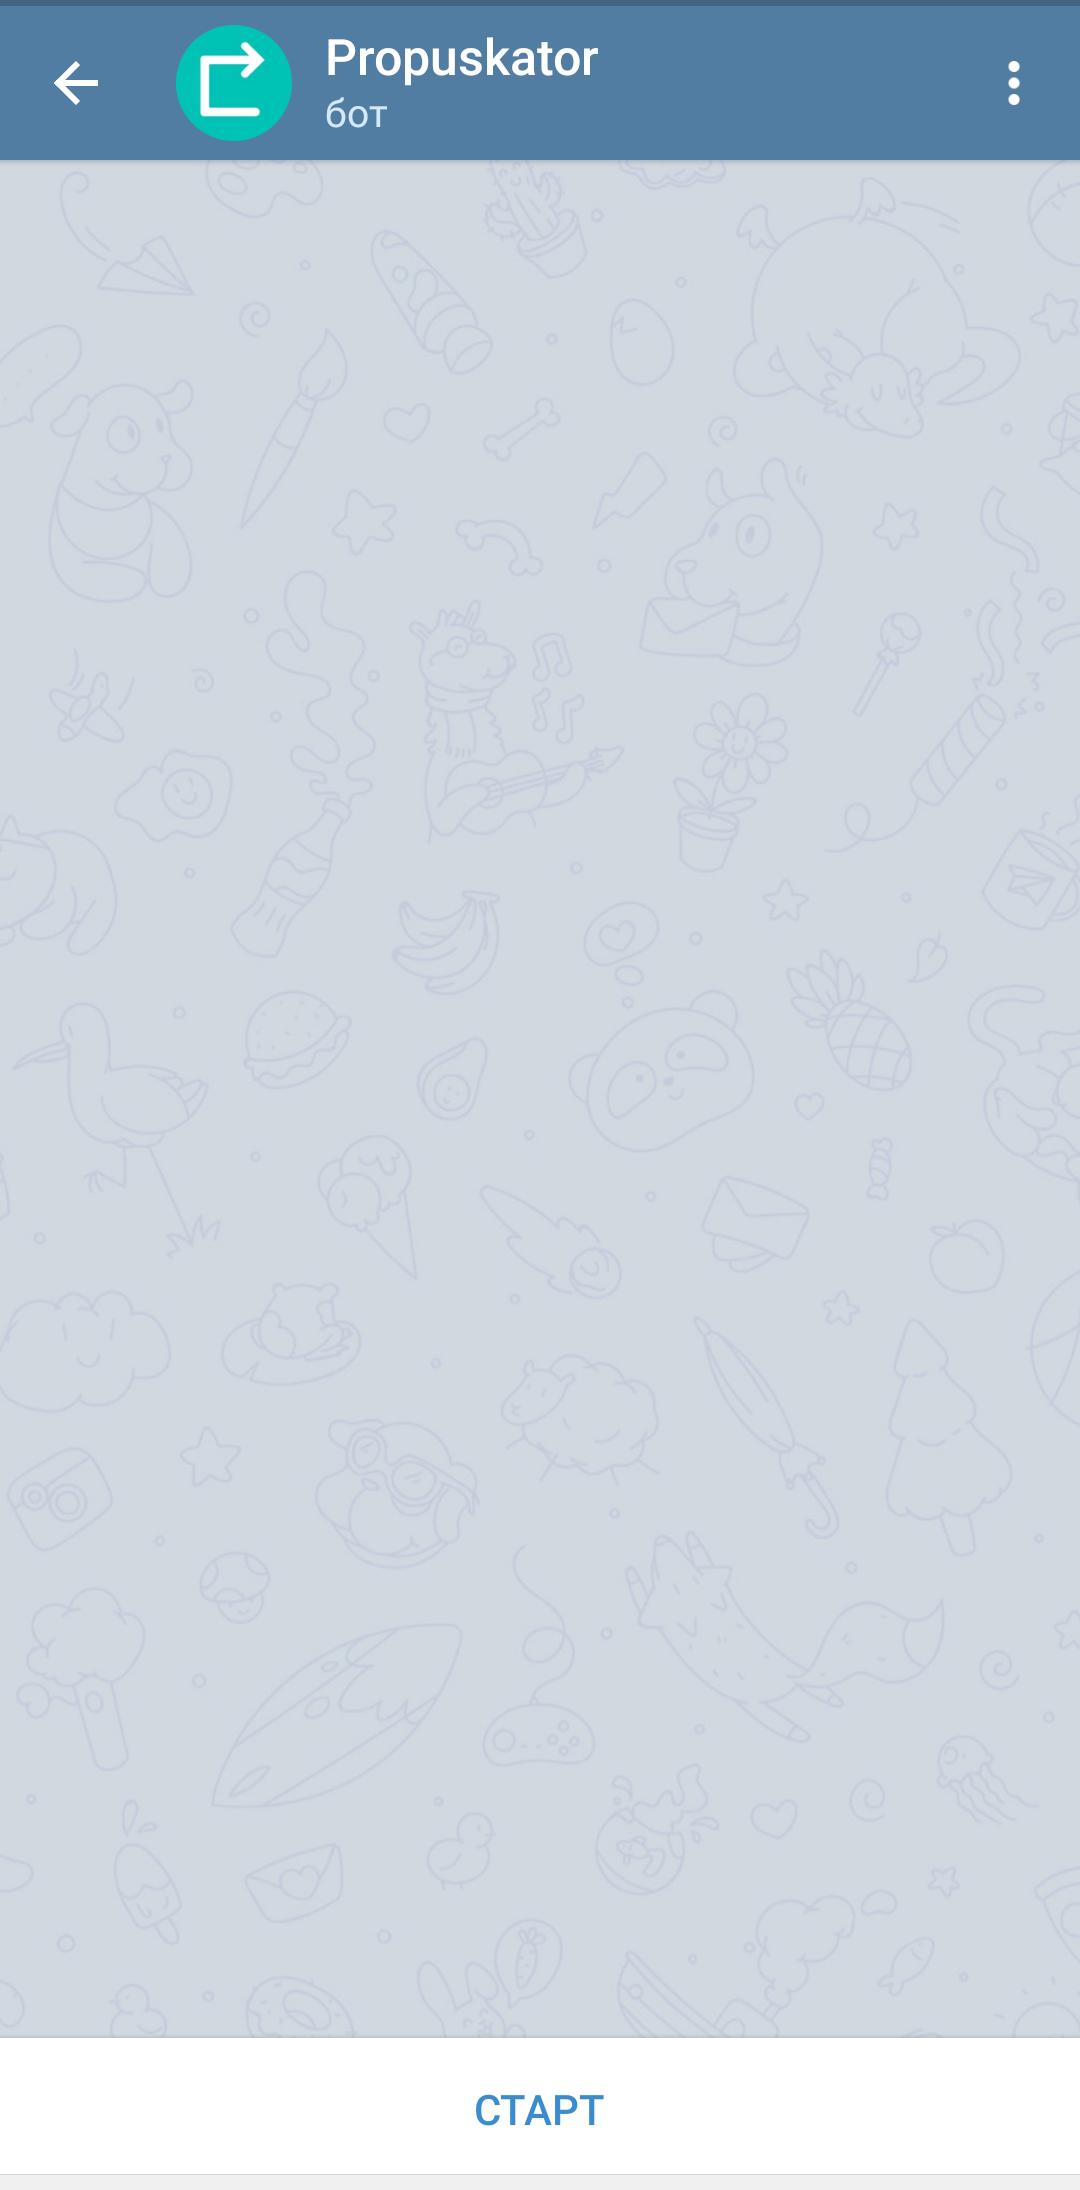 Telegram бот Пропускатор